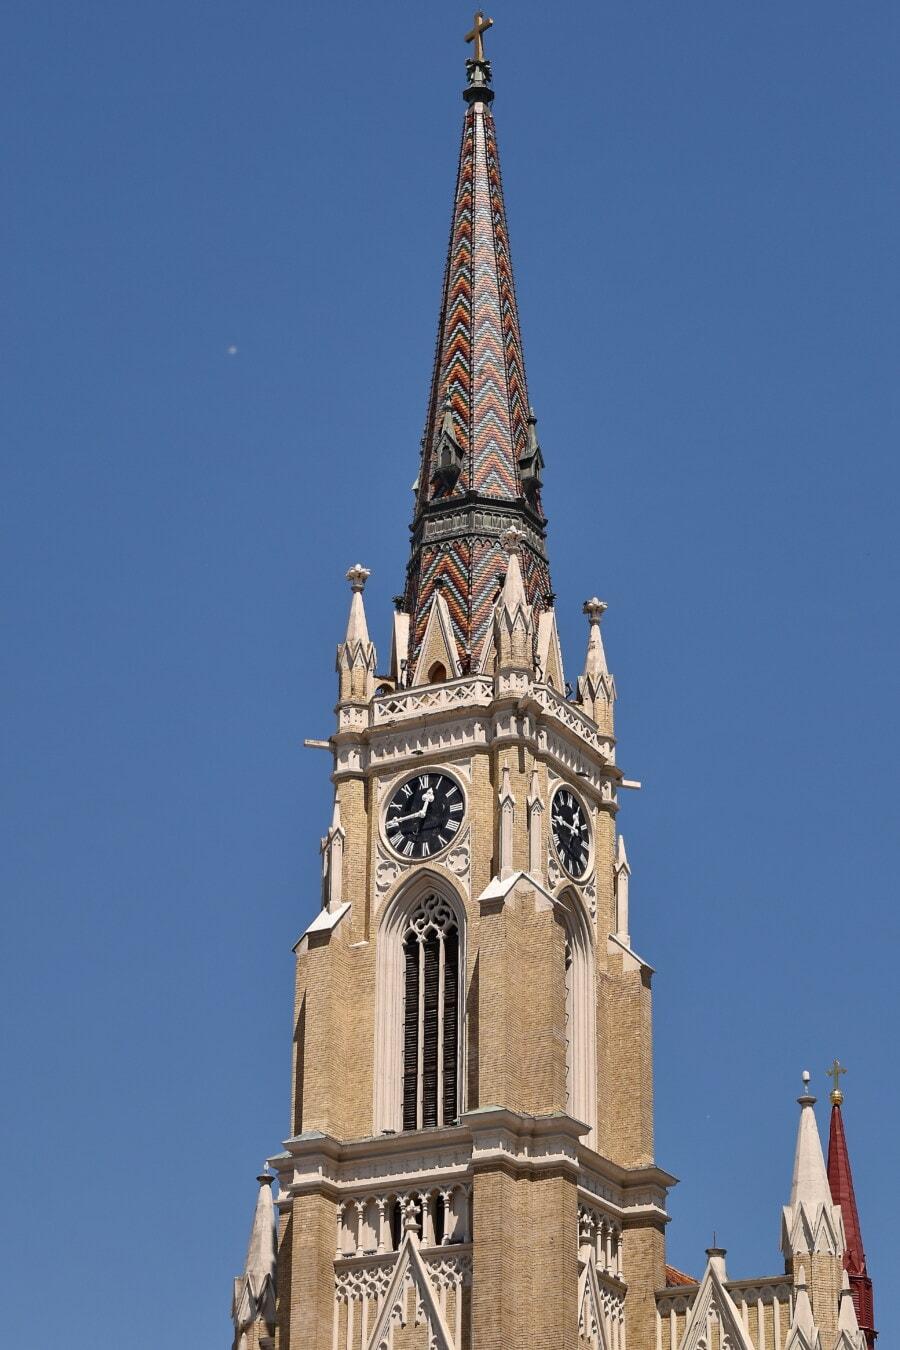 Kirche, gotisch, Kirchturm, architektonischen Stil, Europäische, Christentum, Barock, Klassiker, Dach, Gebäude